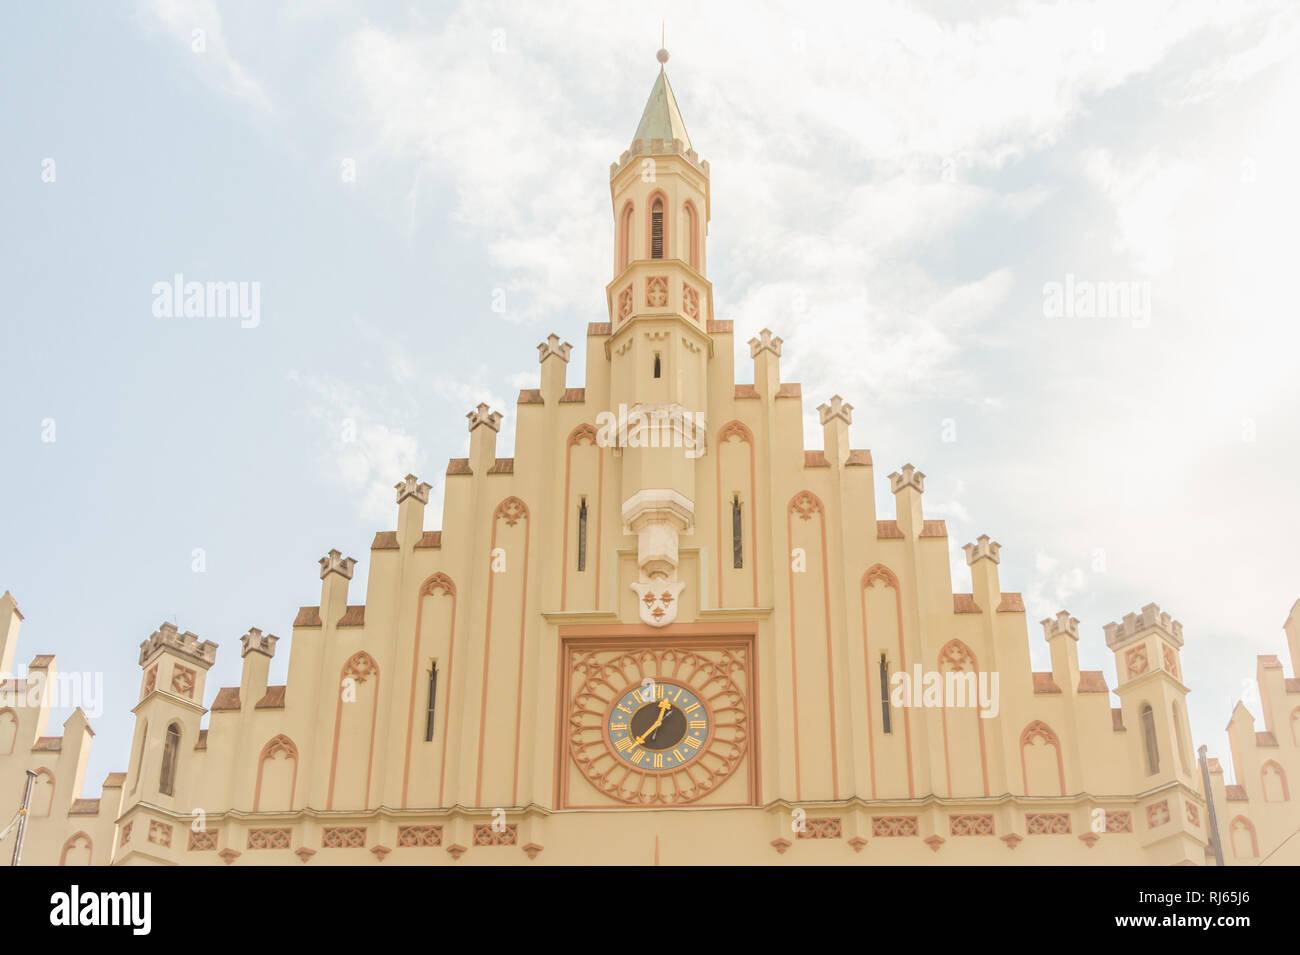 Das Rathaus in Landshut, Turm, Turmuhr und Fassade, Detailansicht Stockbild